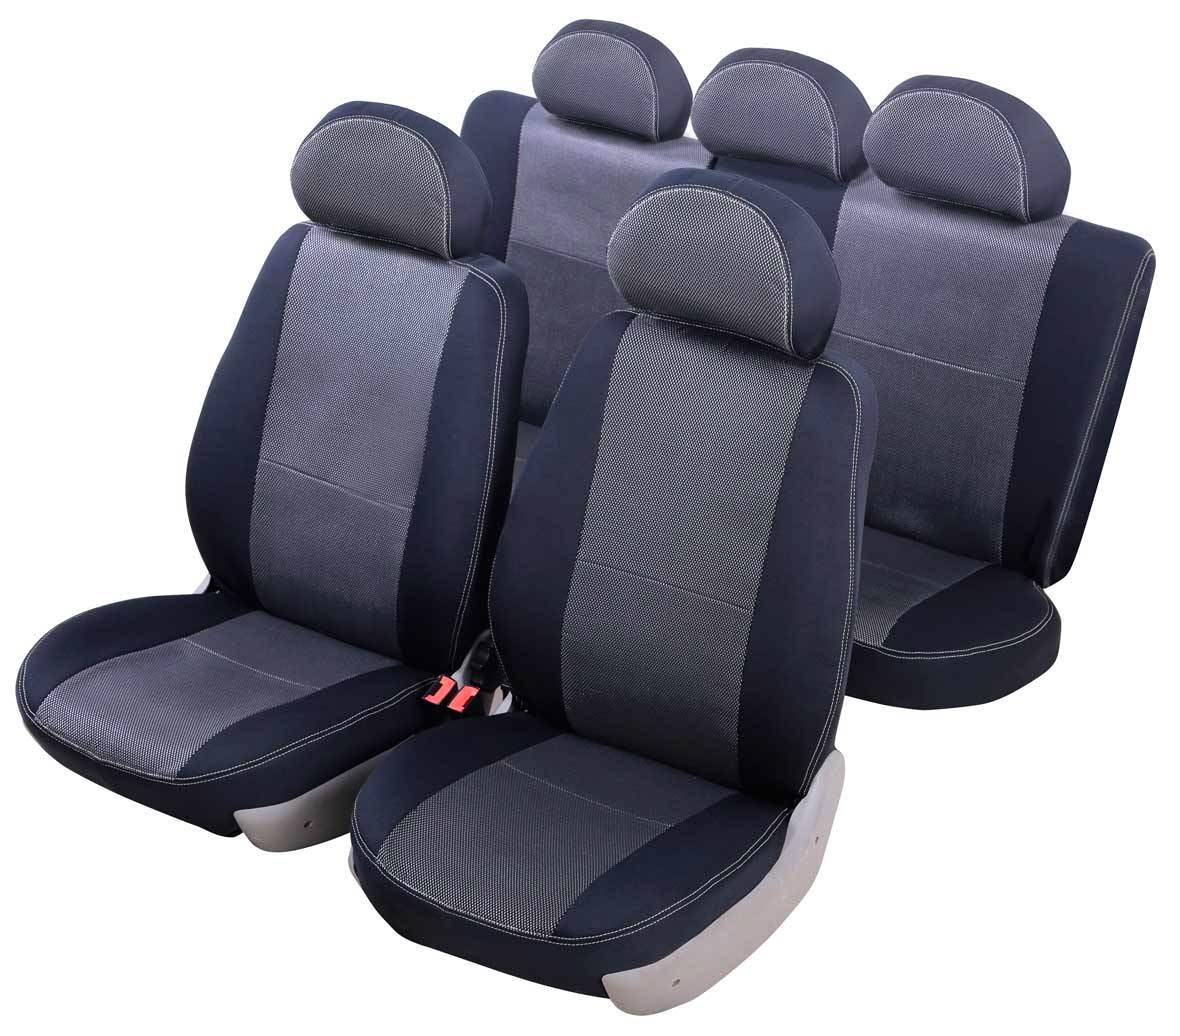 Чехол на сиденье Senator Dakkar lada 2170 комплект чехлов на весь салон senator dakkar s3010391 renault duster от 2011 black